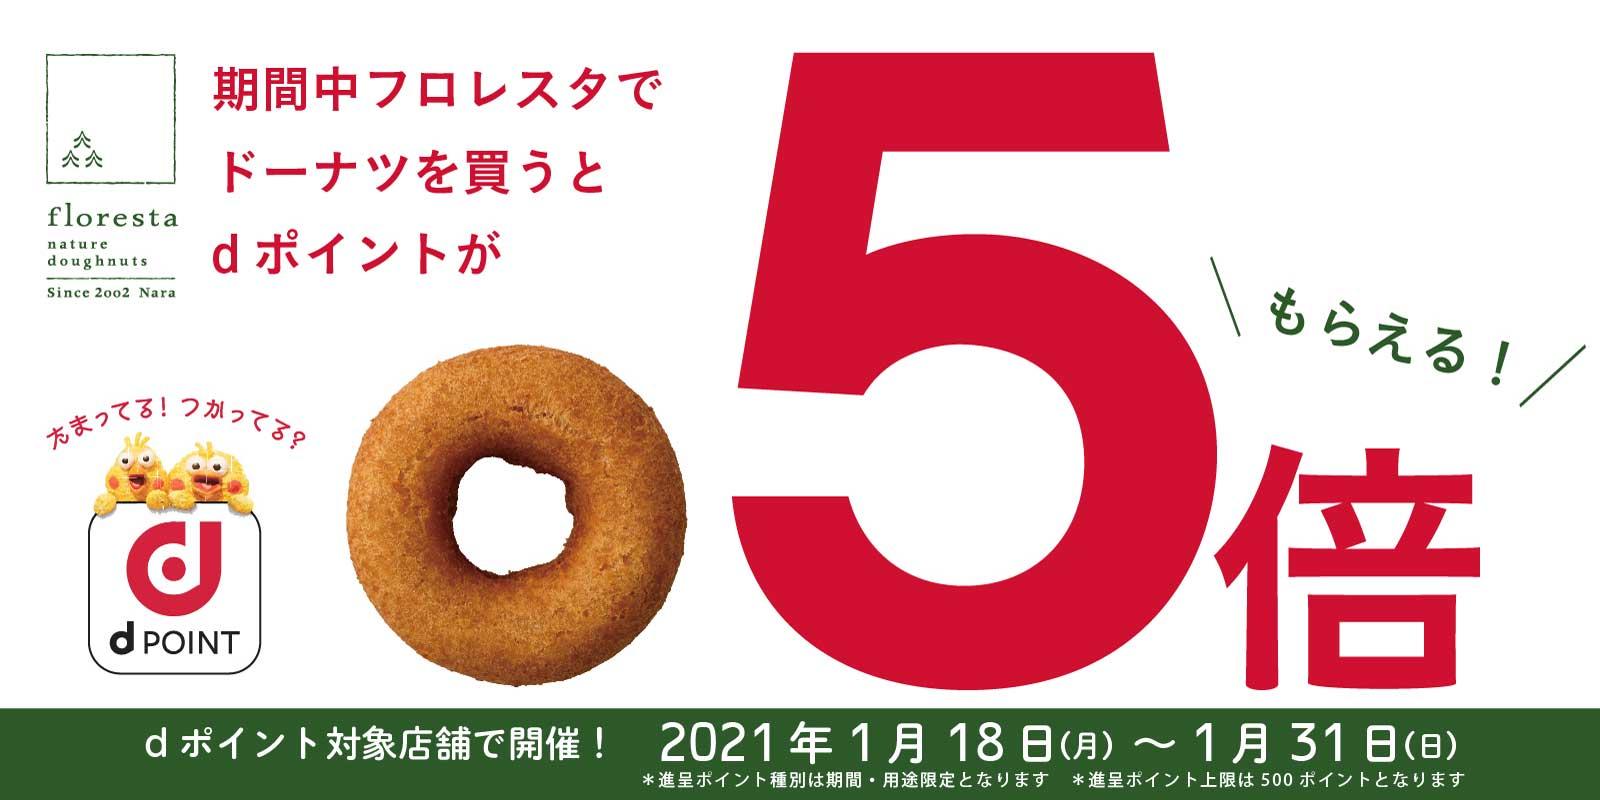 《2週間限定!》dポイント5倍ポイントキャンペーン